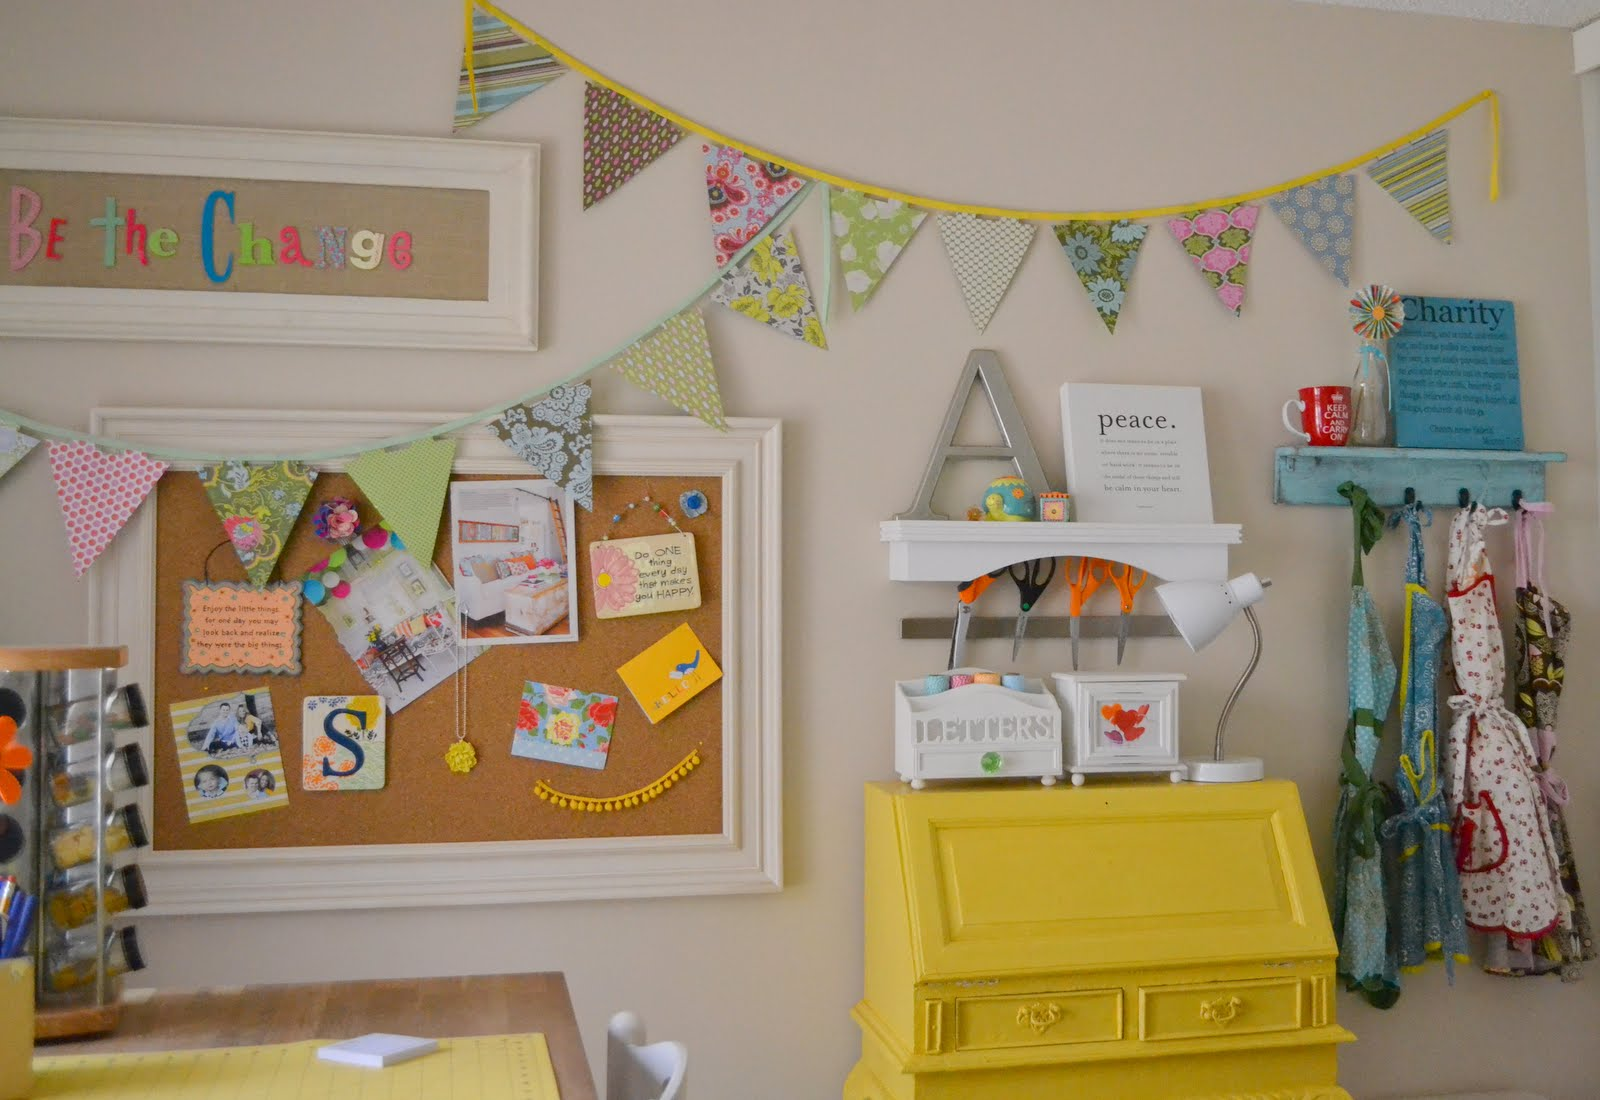 Whimsical craft room decor best of nest little miss momma for Whimsical decor